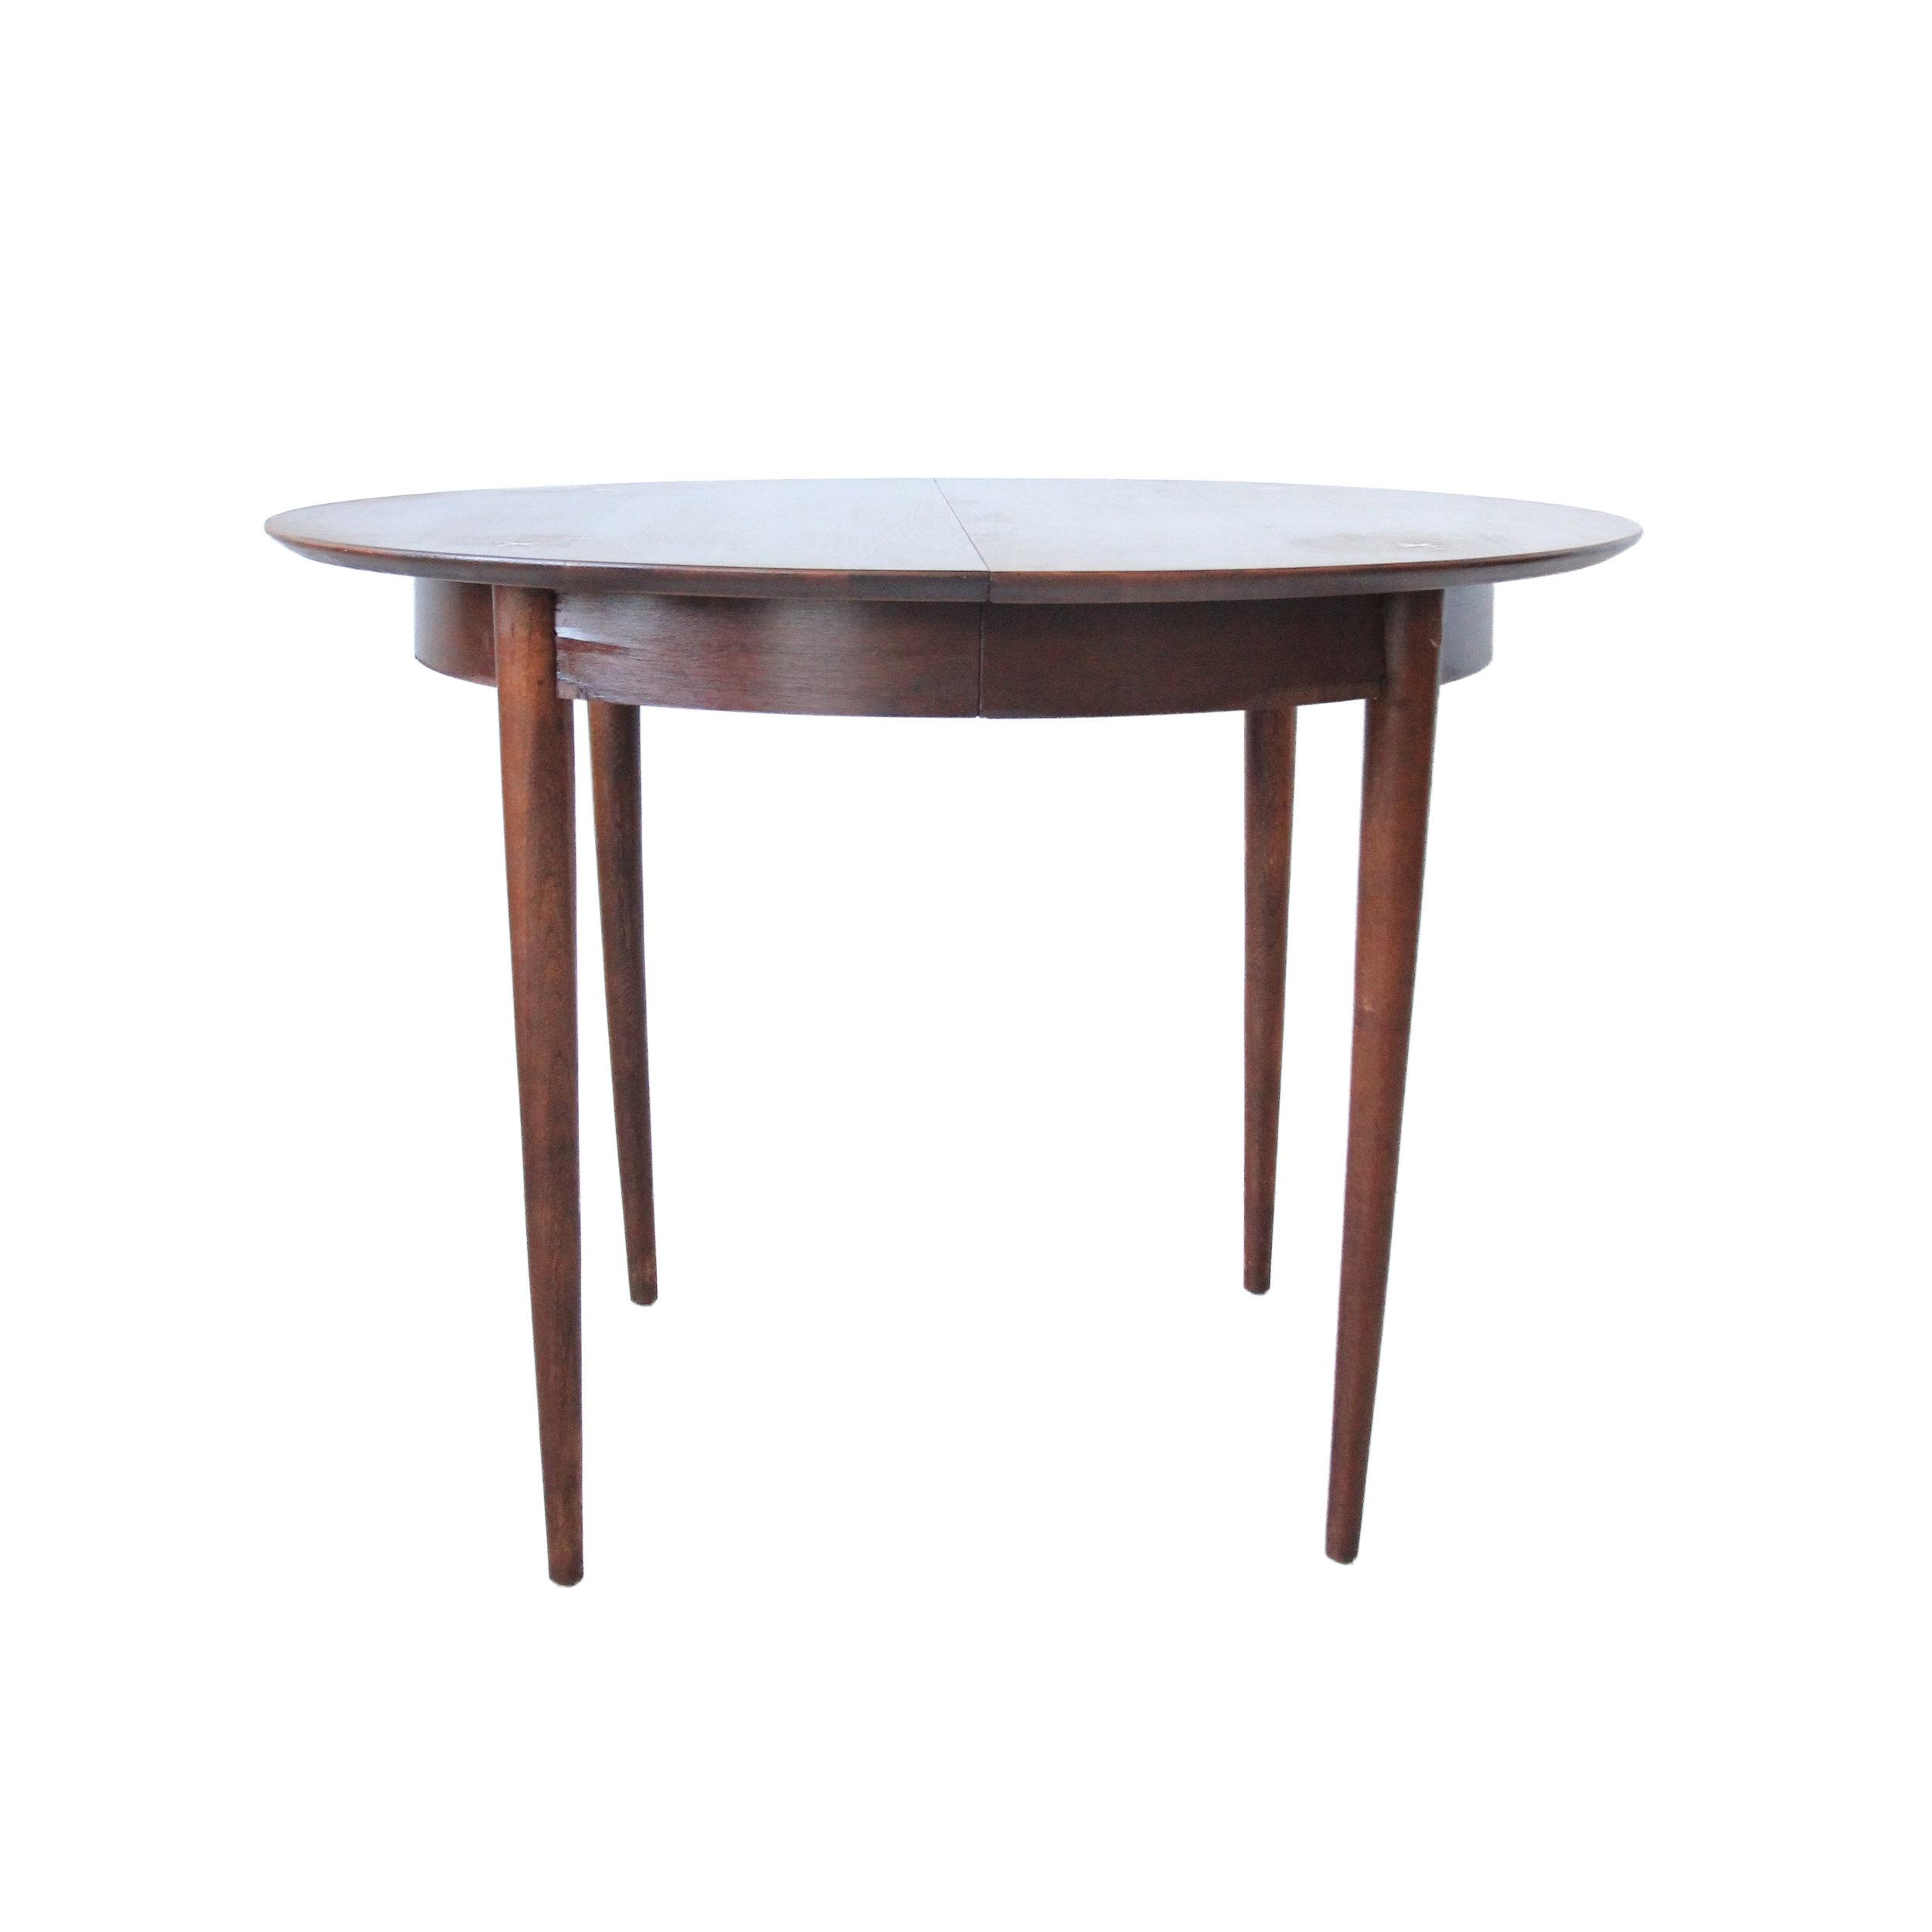 Vintage Mid Century Modern Dining Table